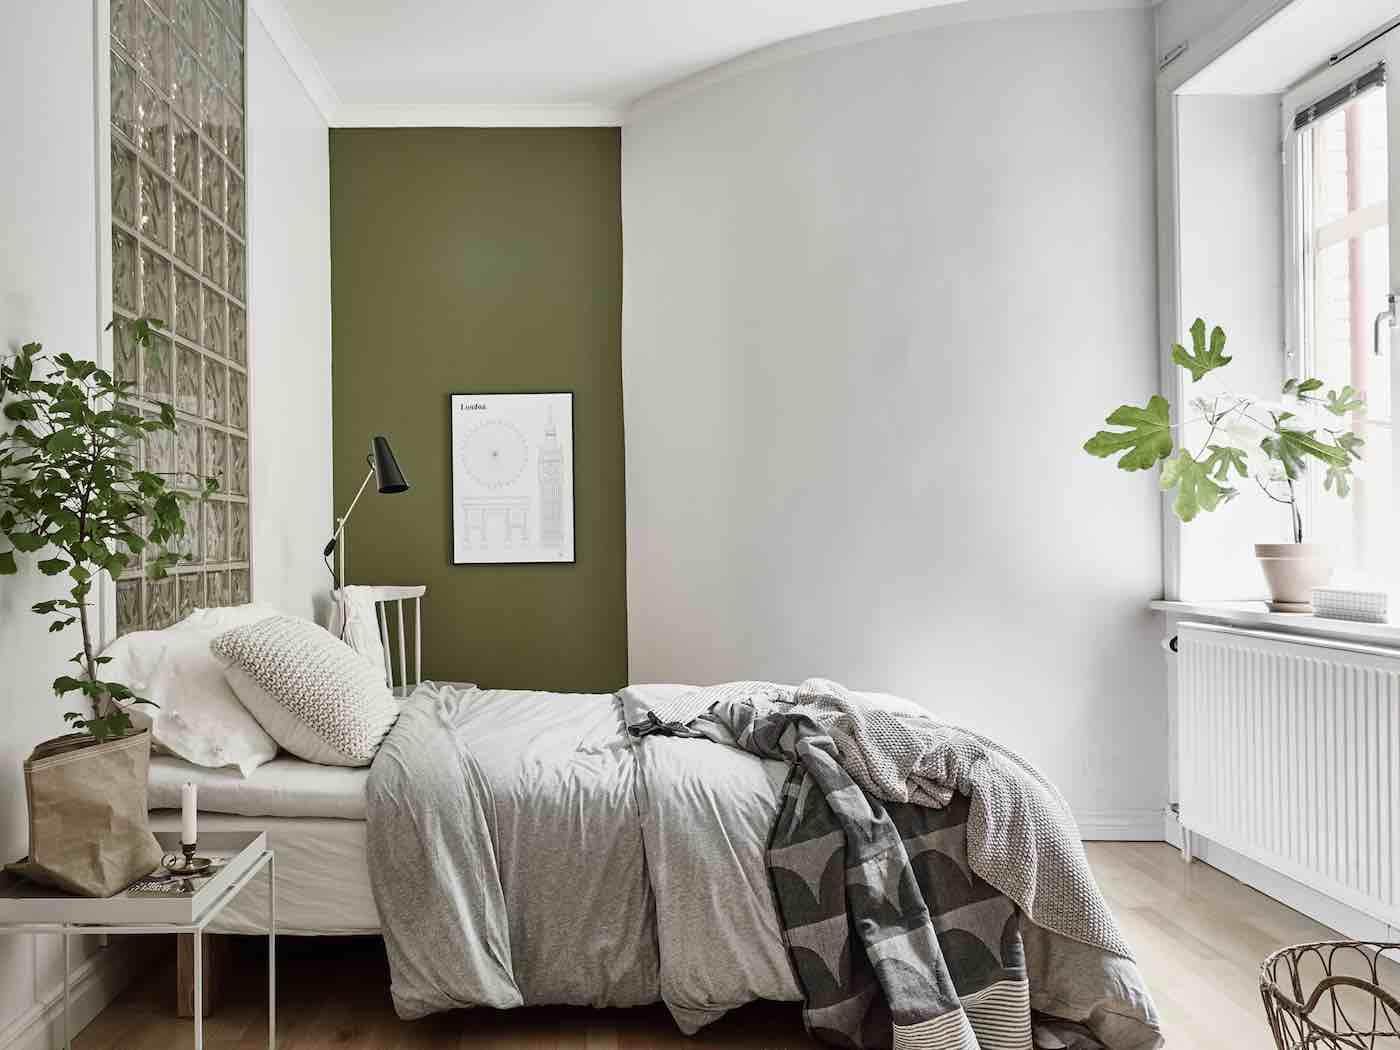 Schlafzimmer graue wand – midir